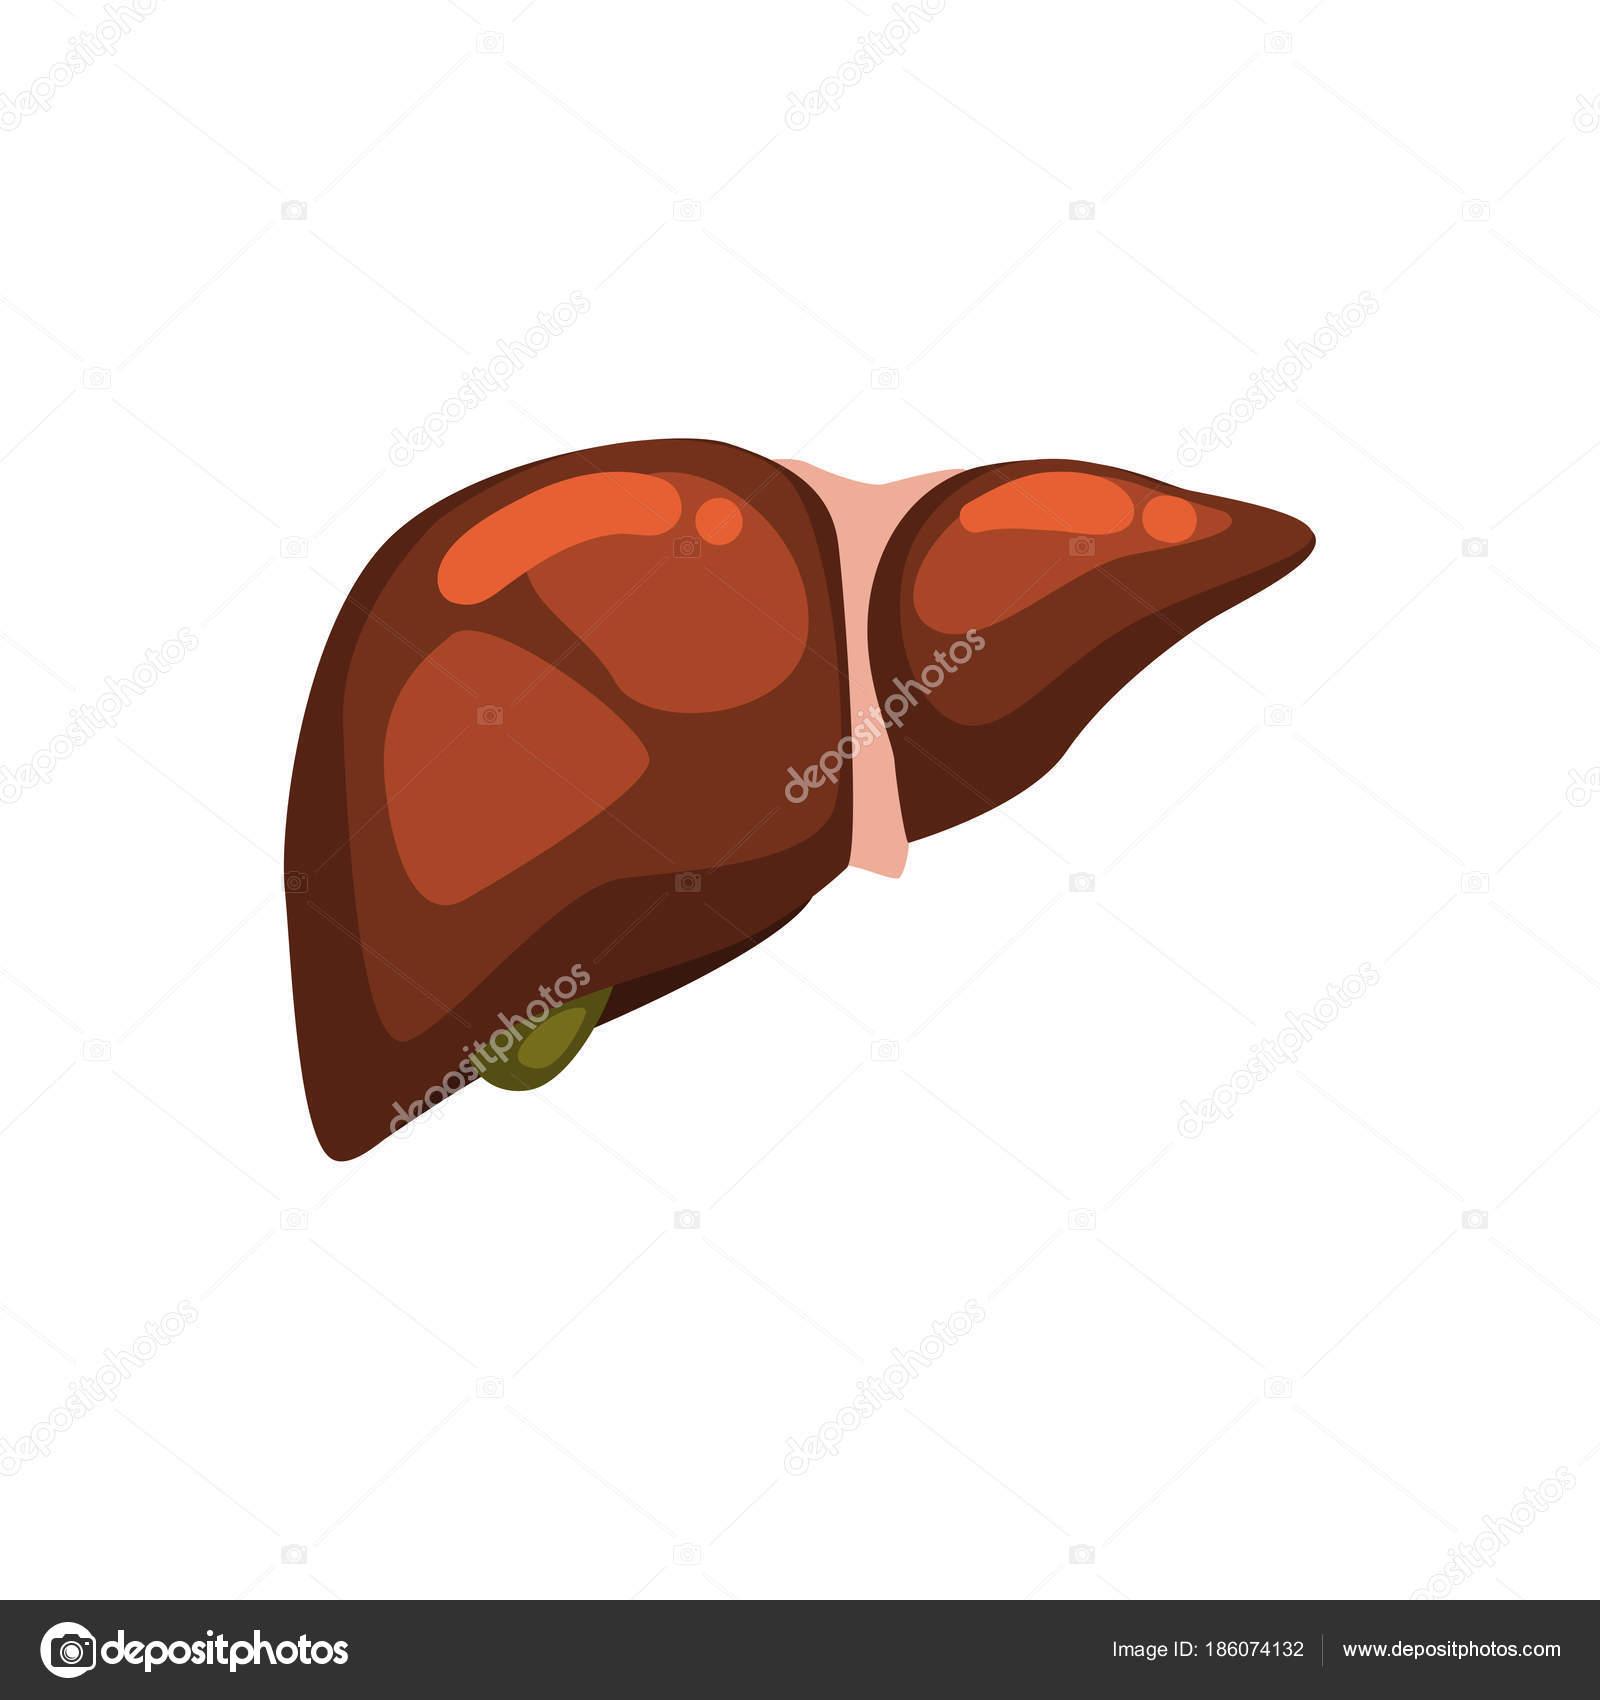 Menschlichen Leber, innere Organ Anatomie Vektor Illustration auf ...